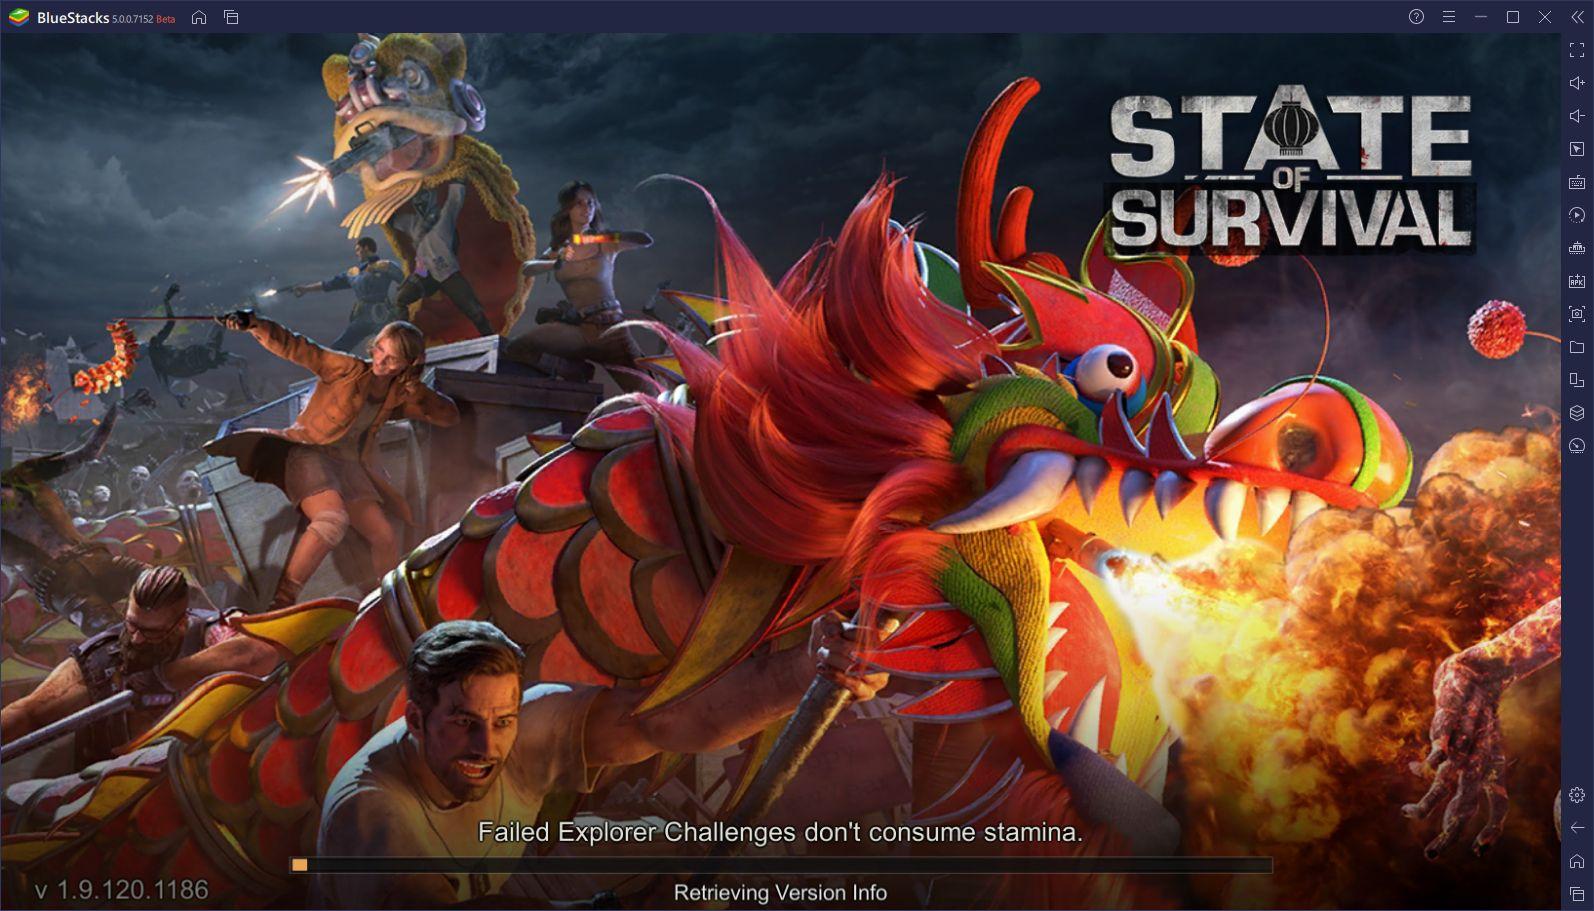 Die besten Android-Strategiespiele auf BlueStacks 5